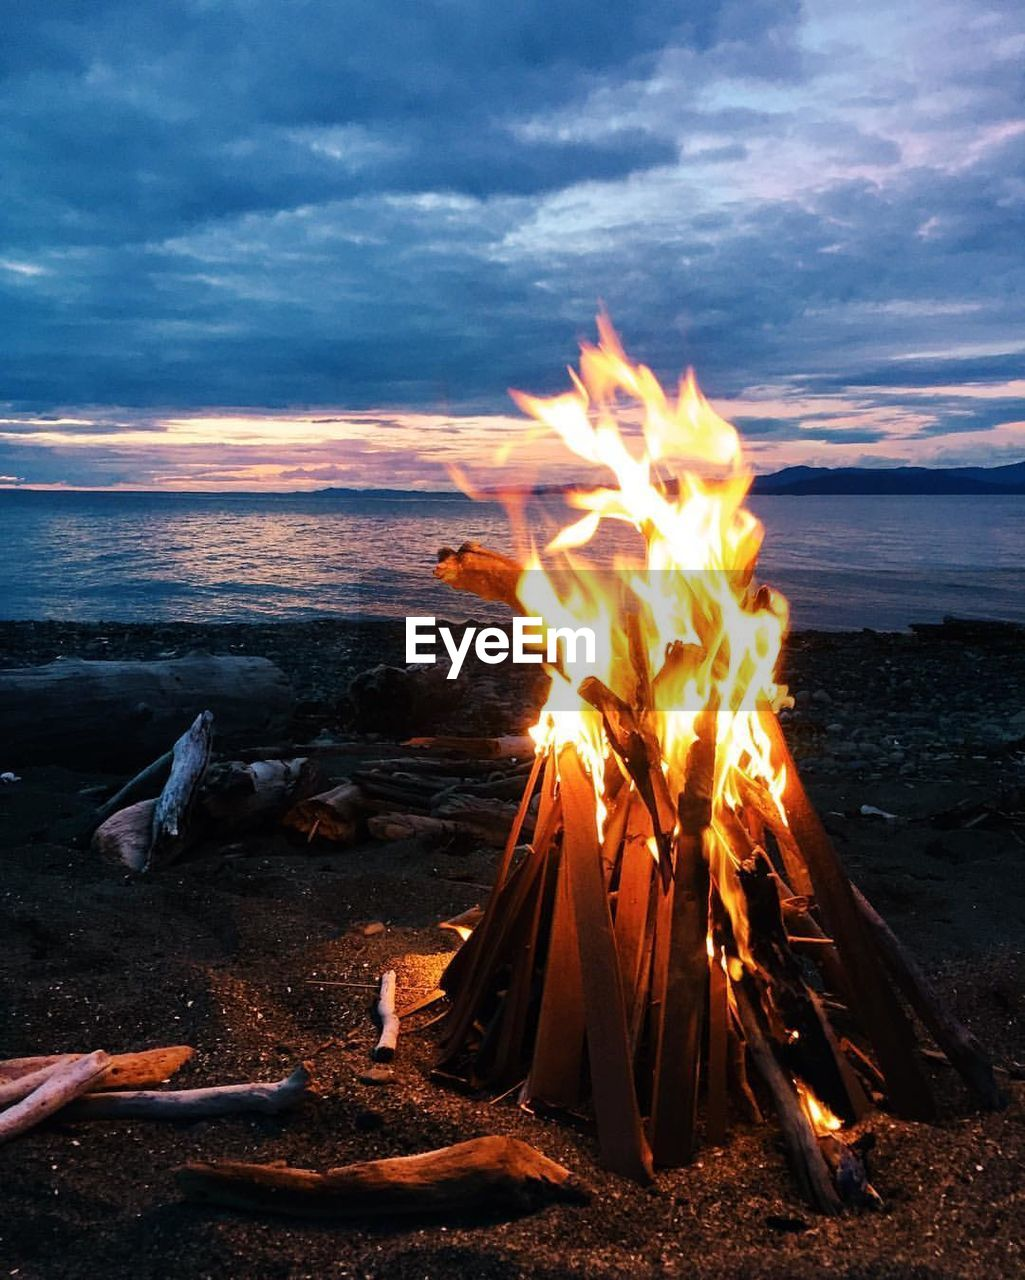 Bonfire By Sea Against Cloudy Sky At Dusk